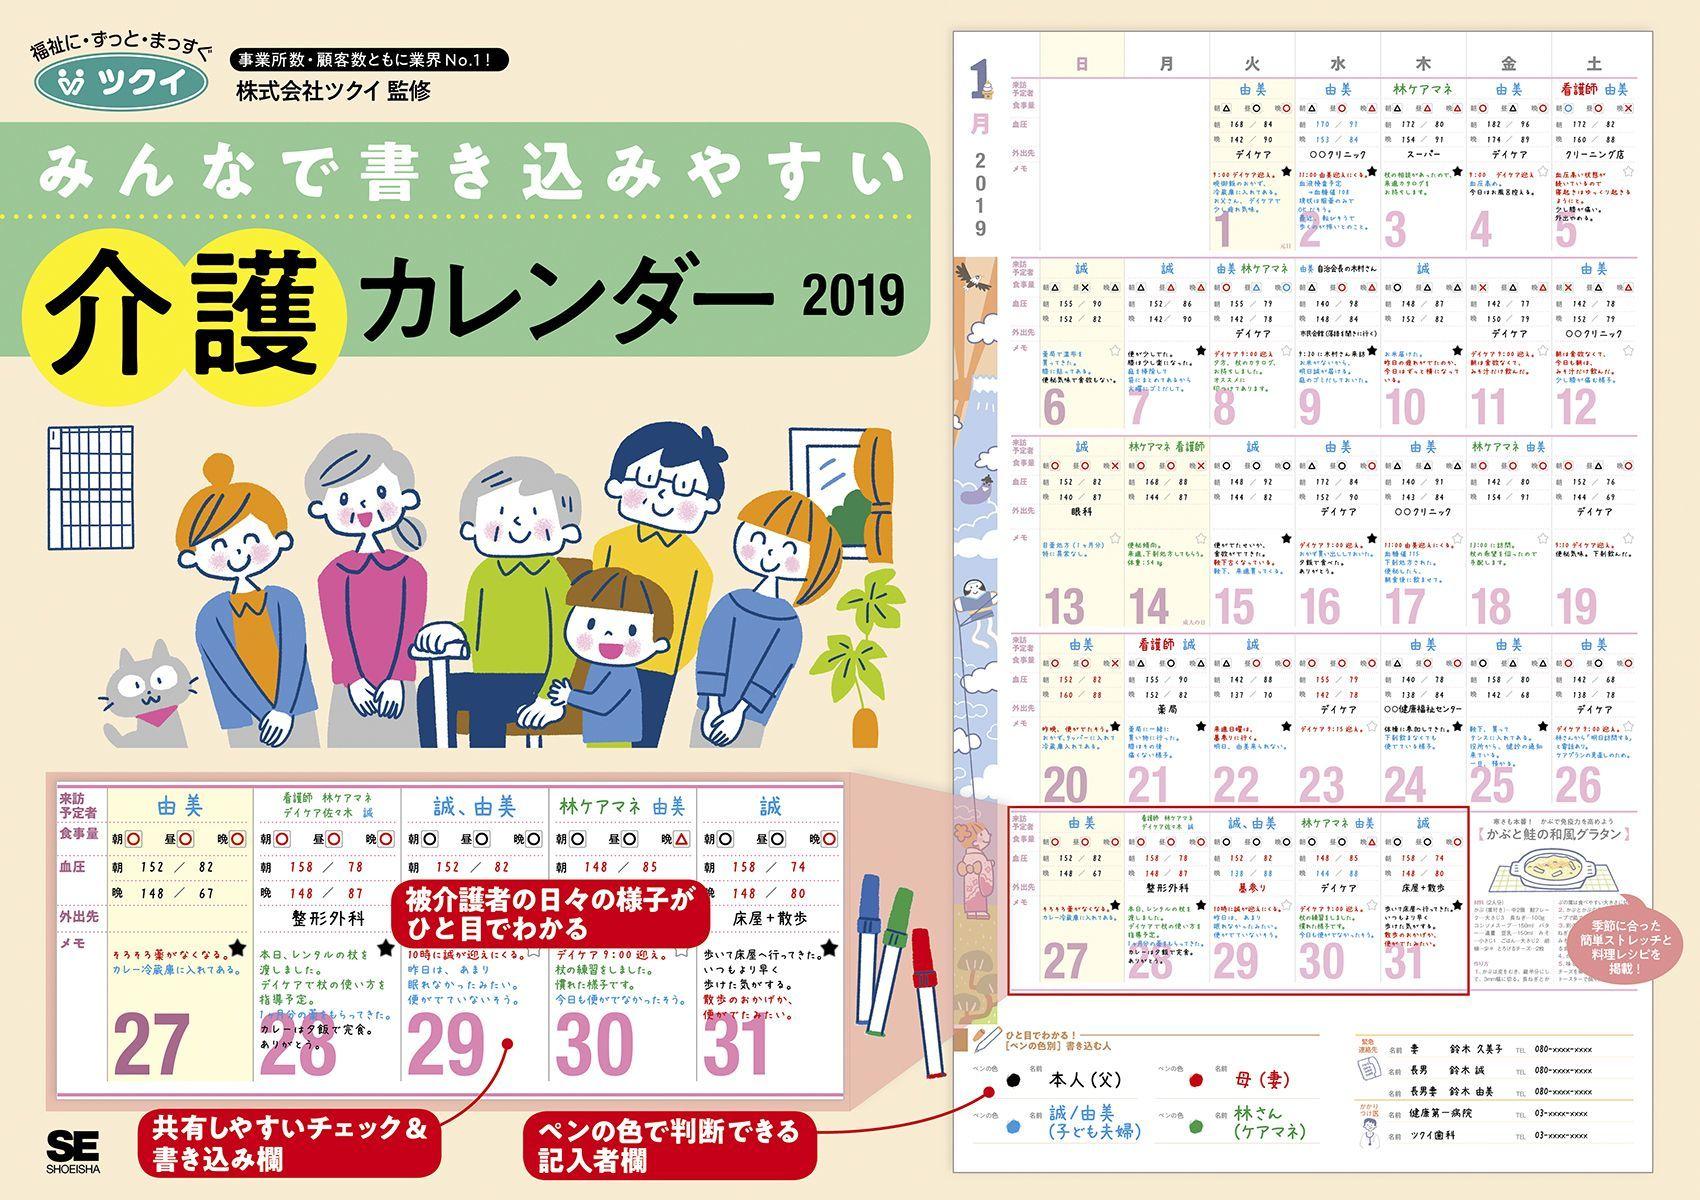 みんなで書き込みやすい 介護カレンダー 2019(翔泳社)